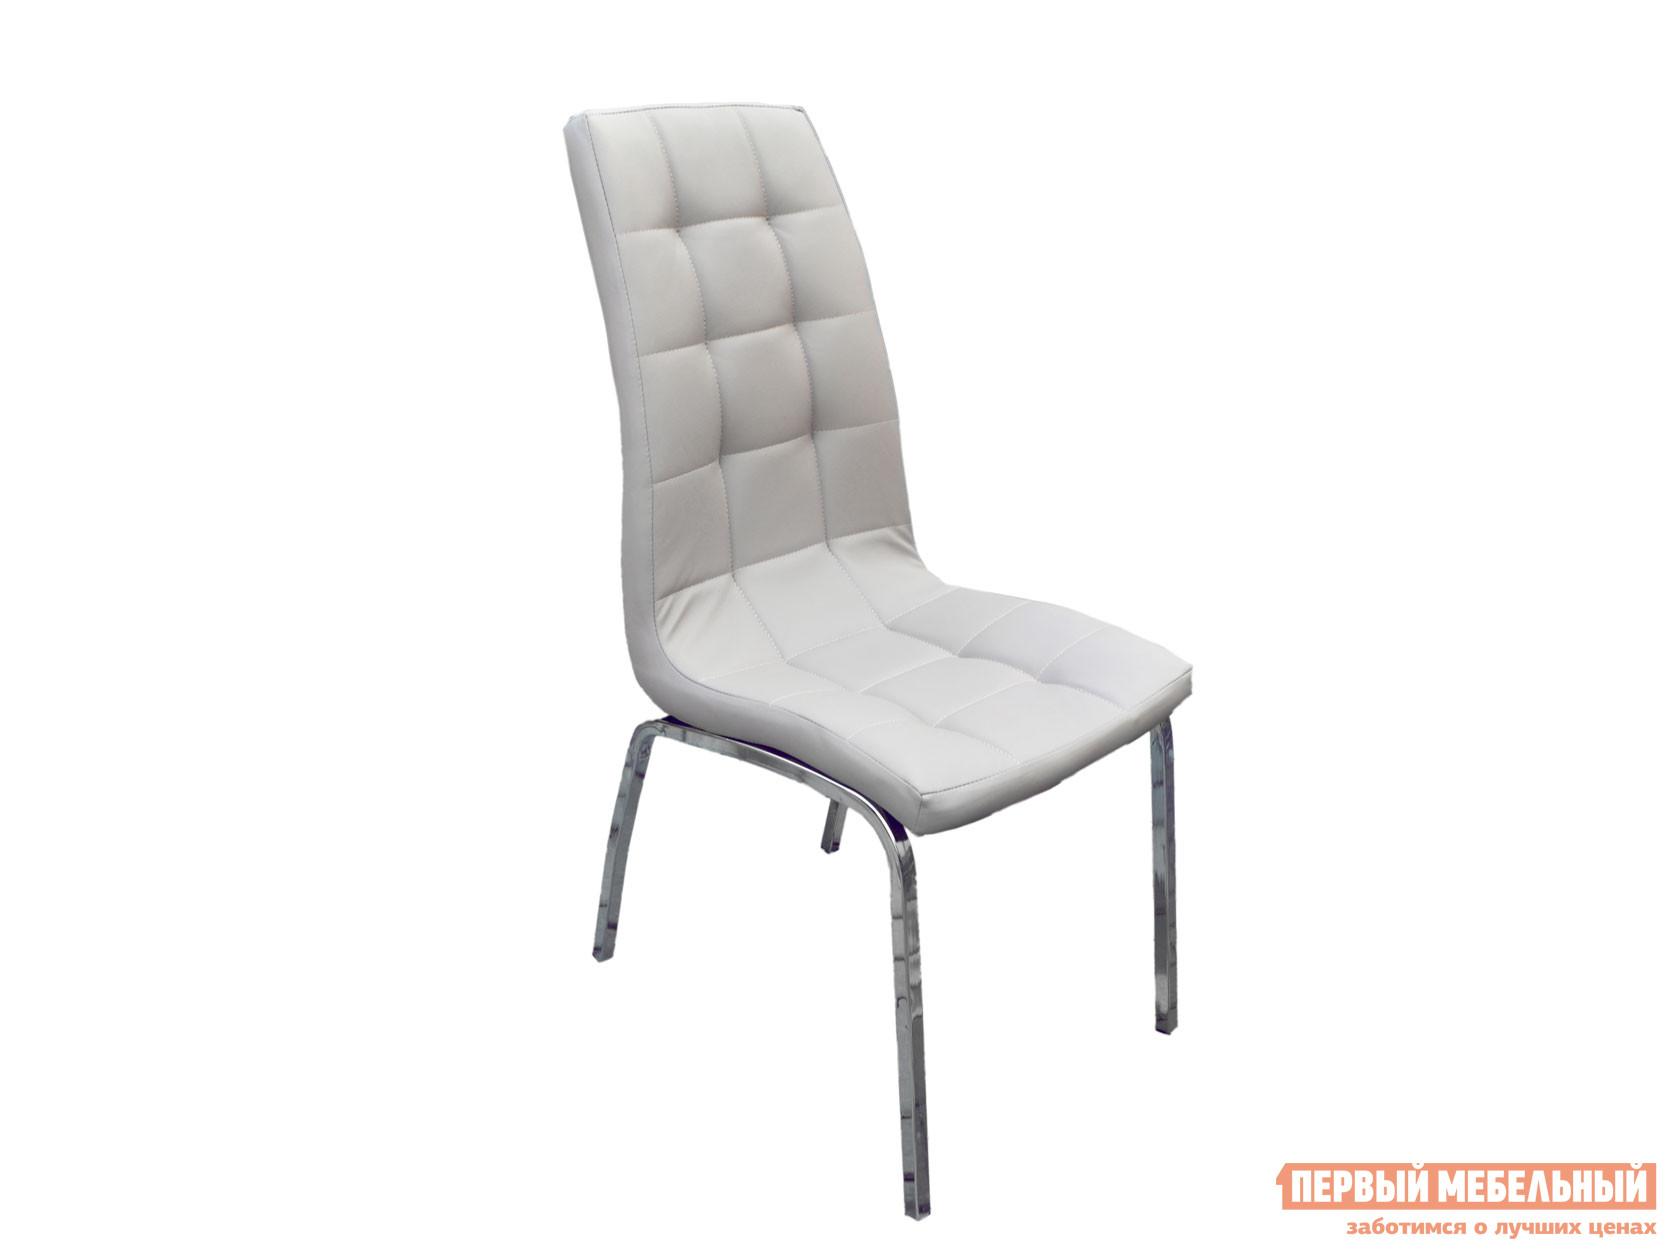 Стул Бел Мебельторг W-120/W-120/1 Кресло обеденное Лори